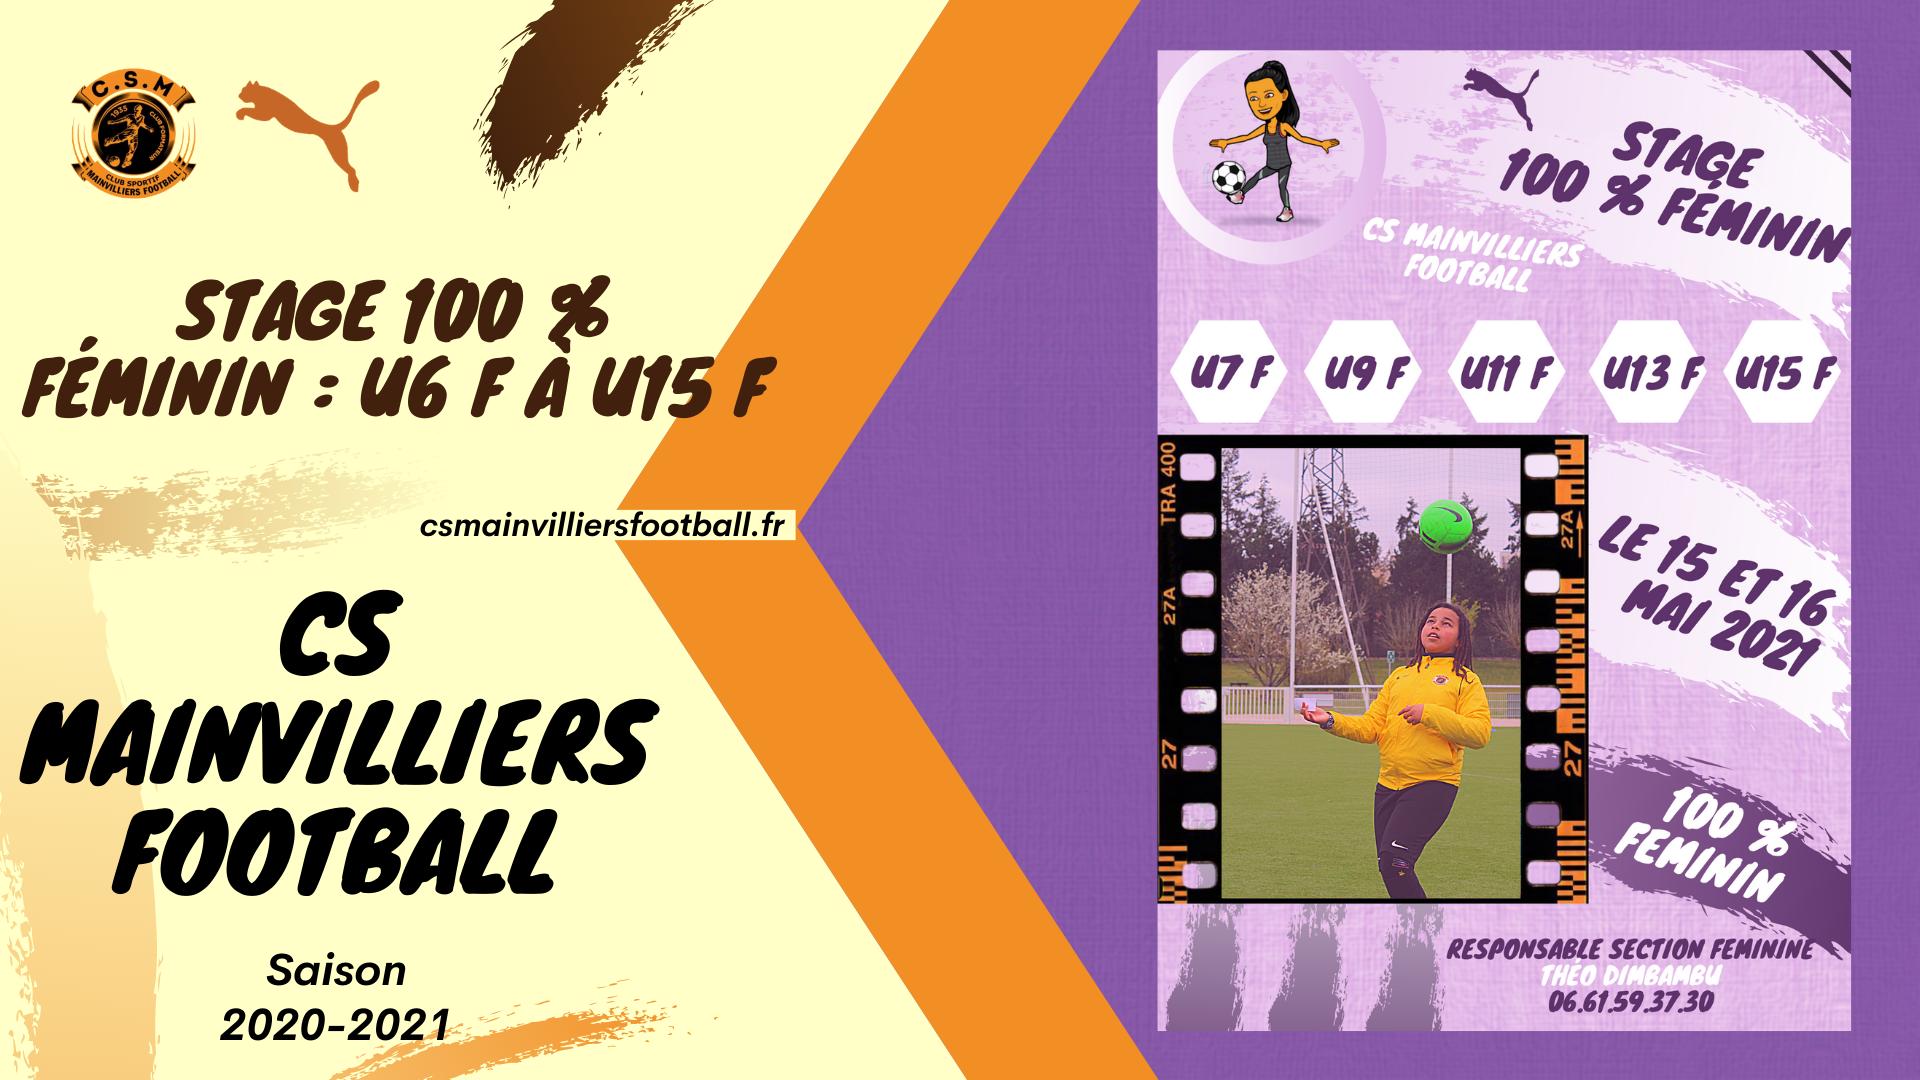 Inscription Stage 100 % Féminin : U6 F à U15 F - CS Mainvilliers Football